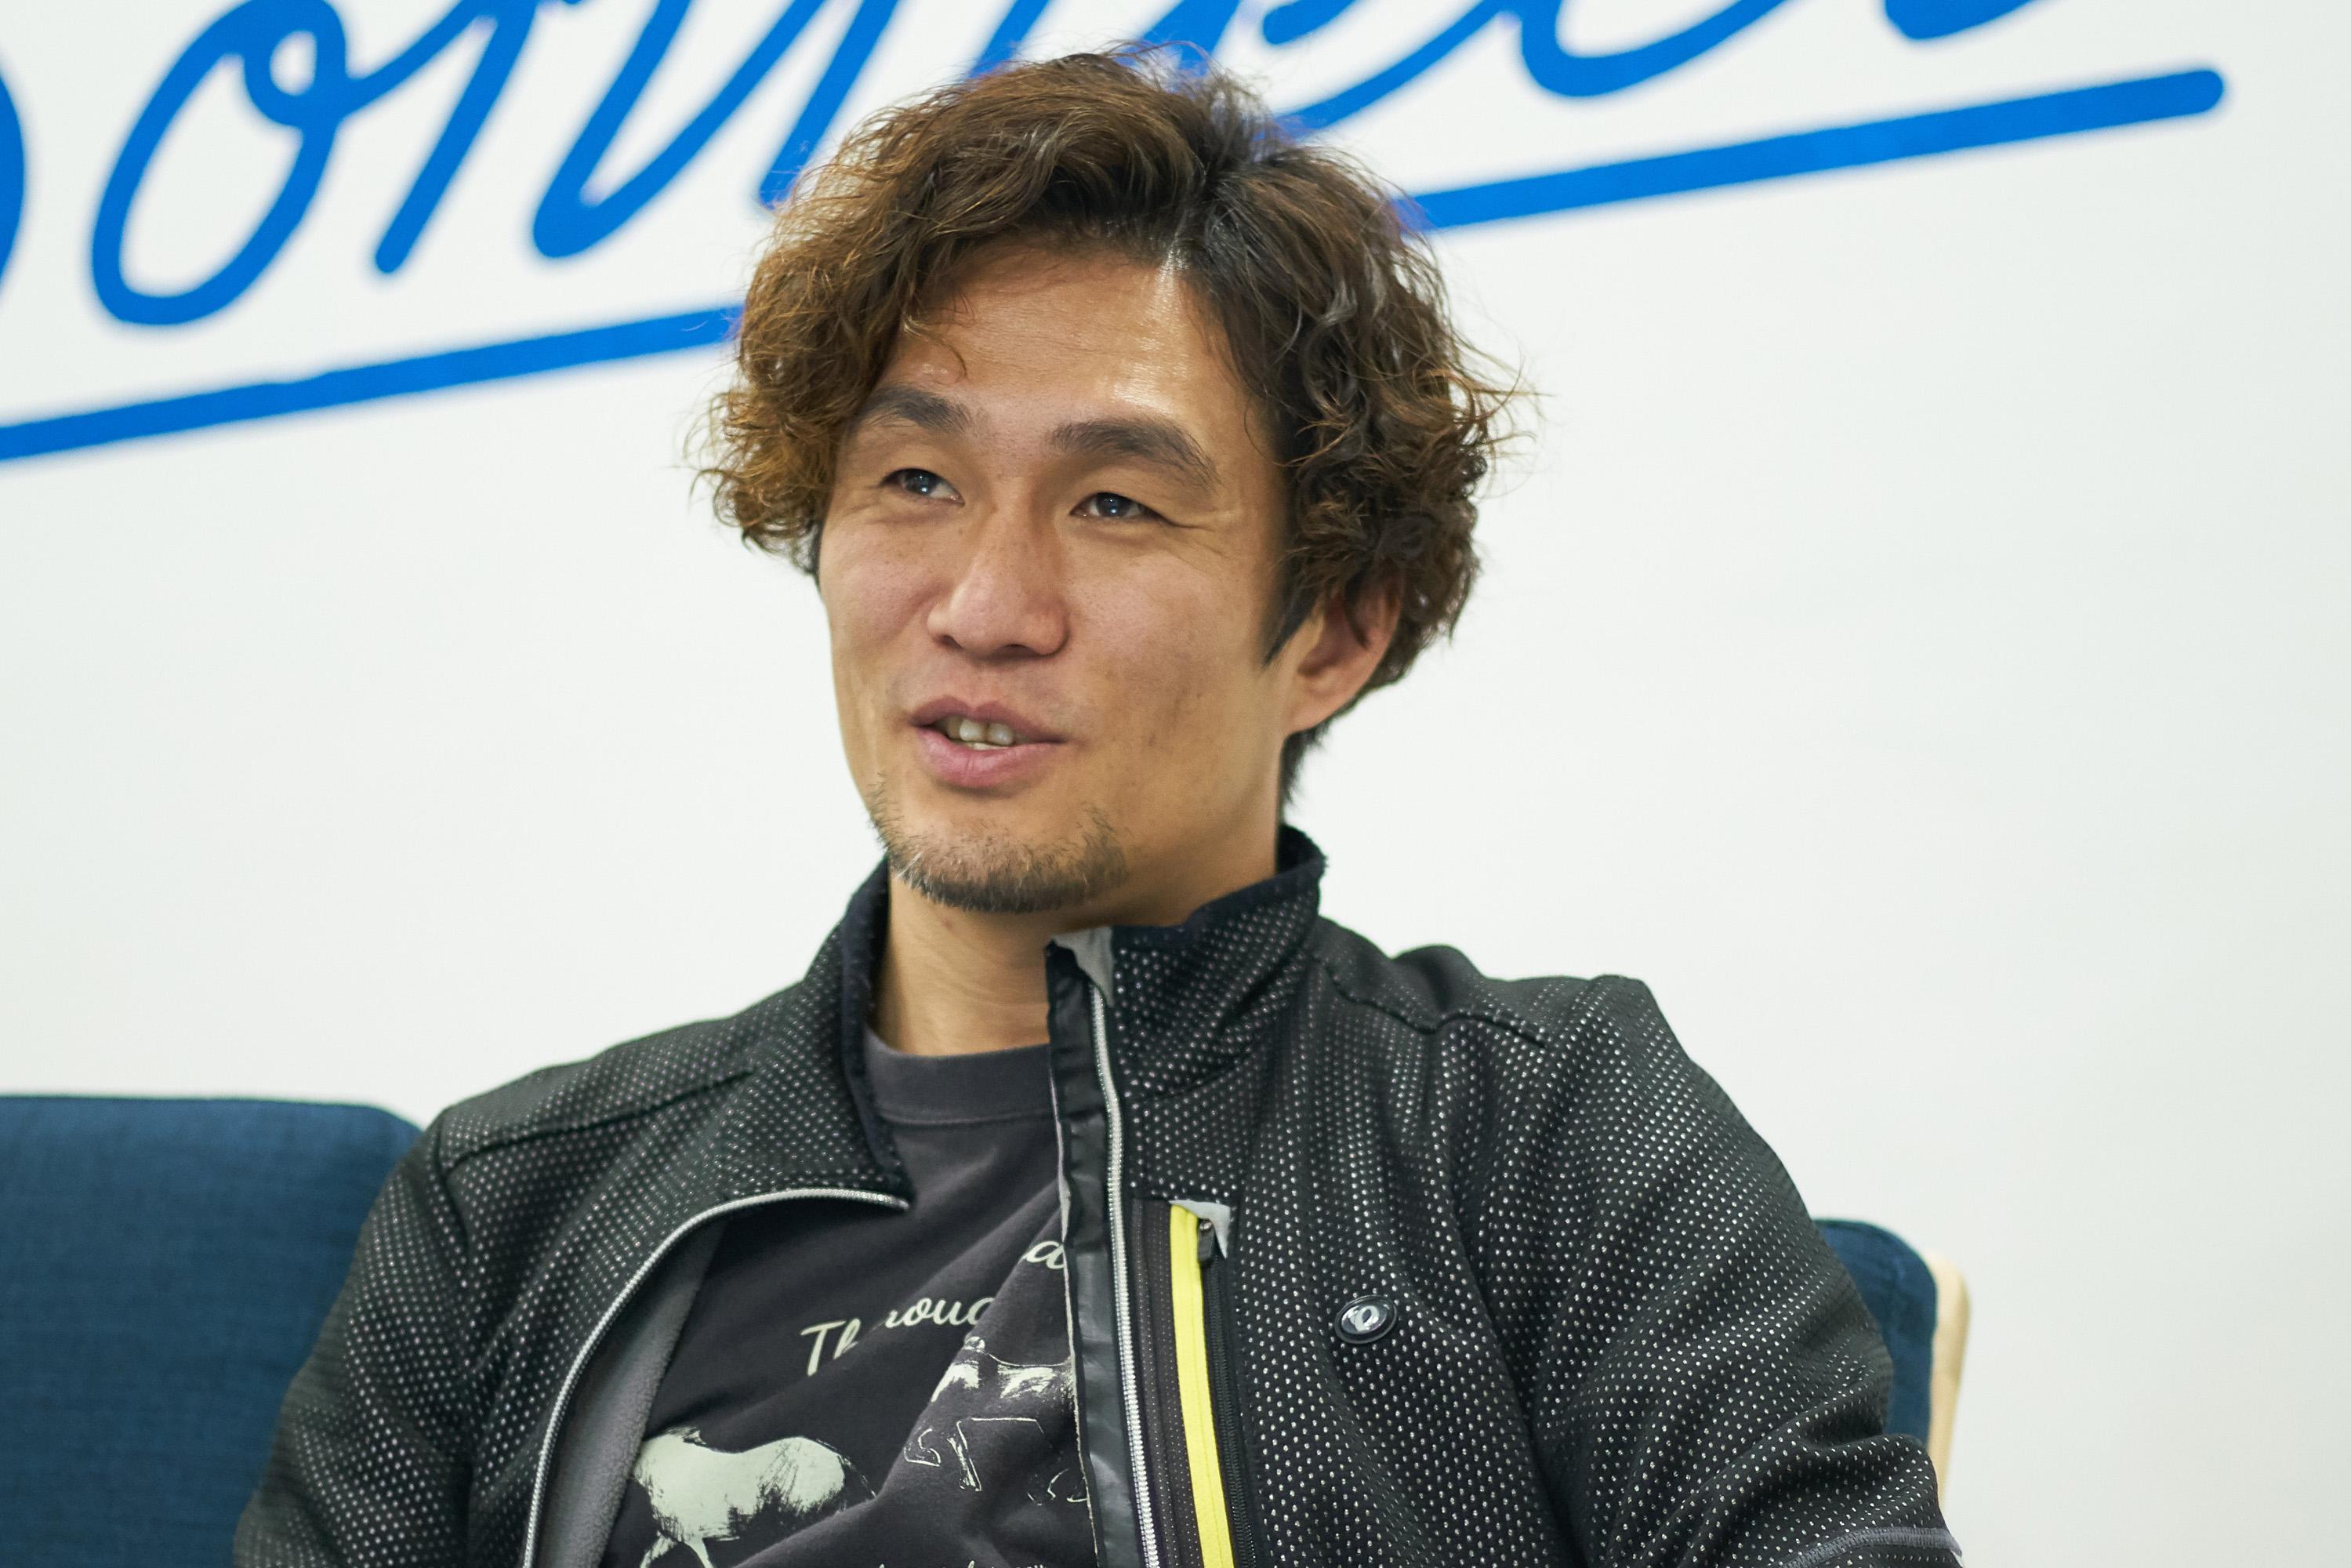 株式会社ガイアックス 藤堂和幸さんさん